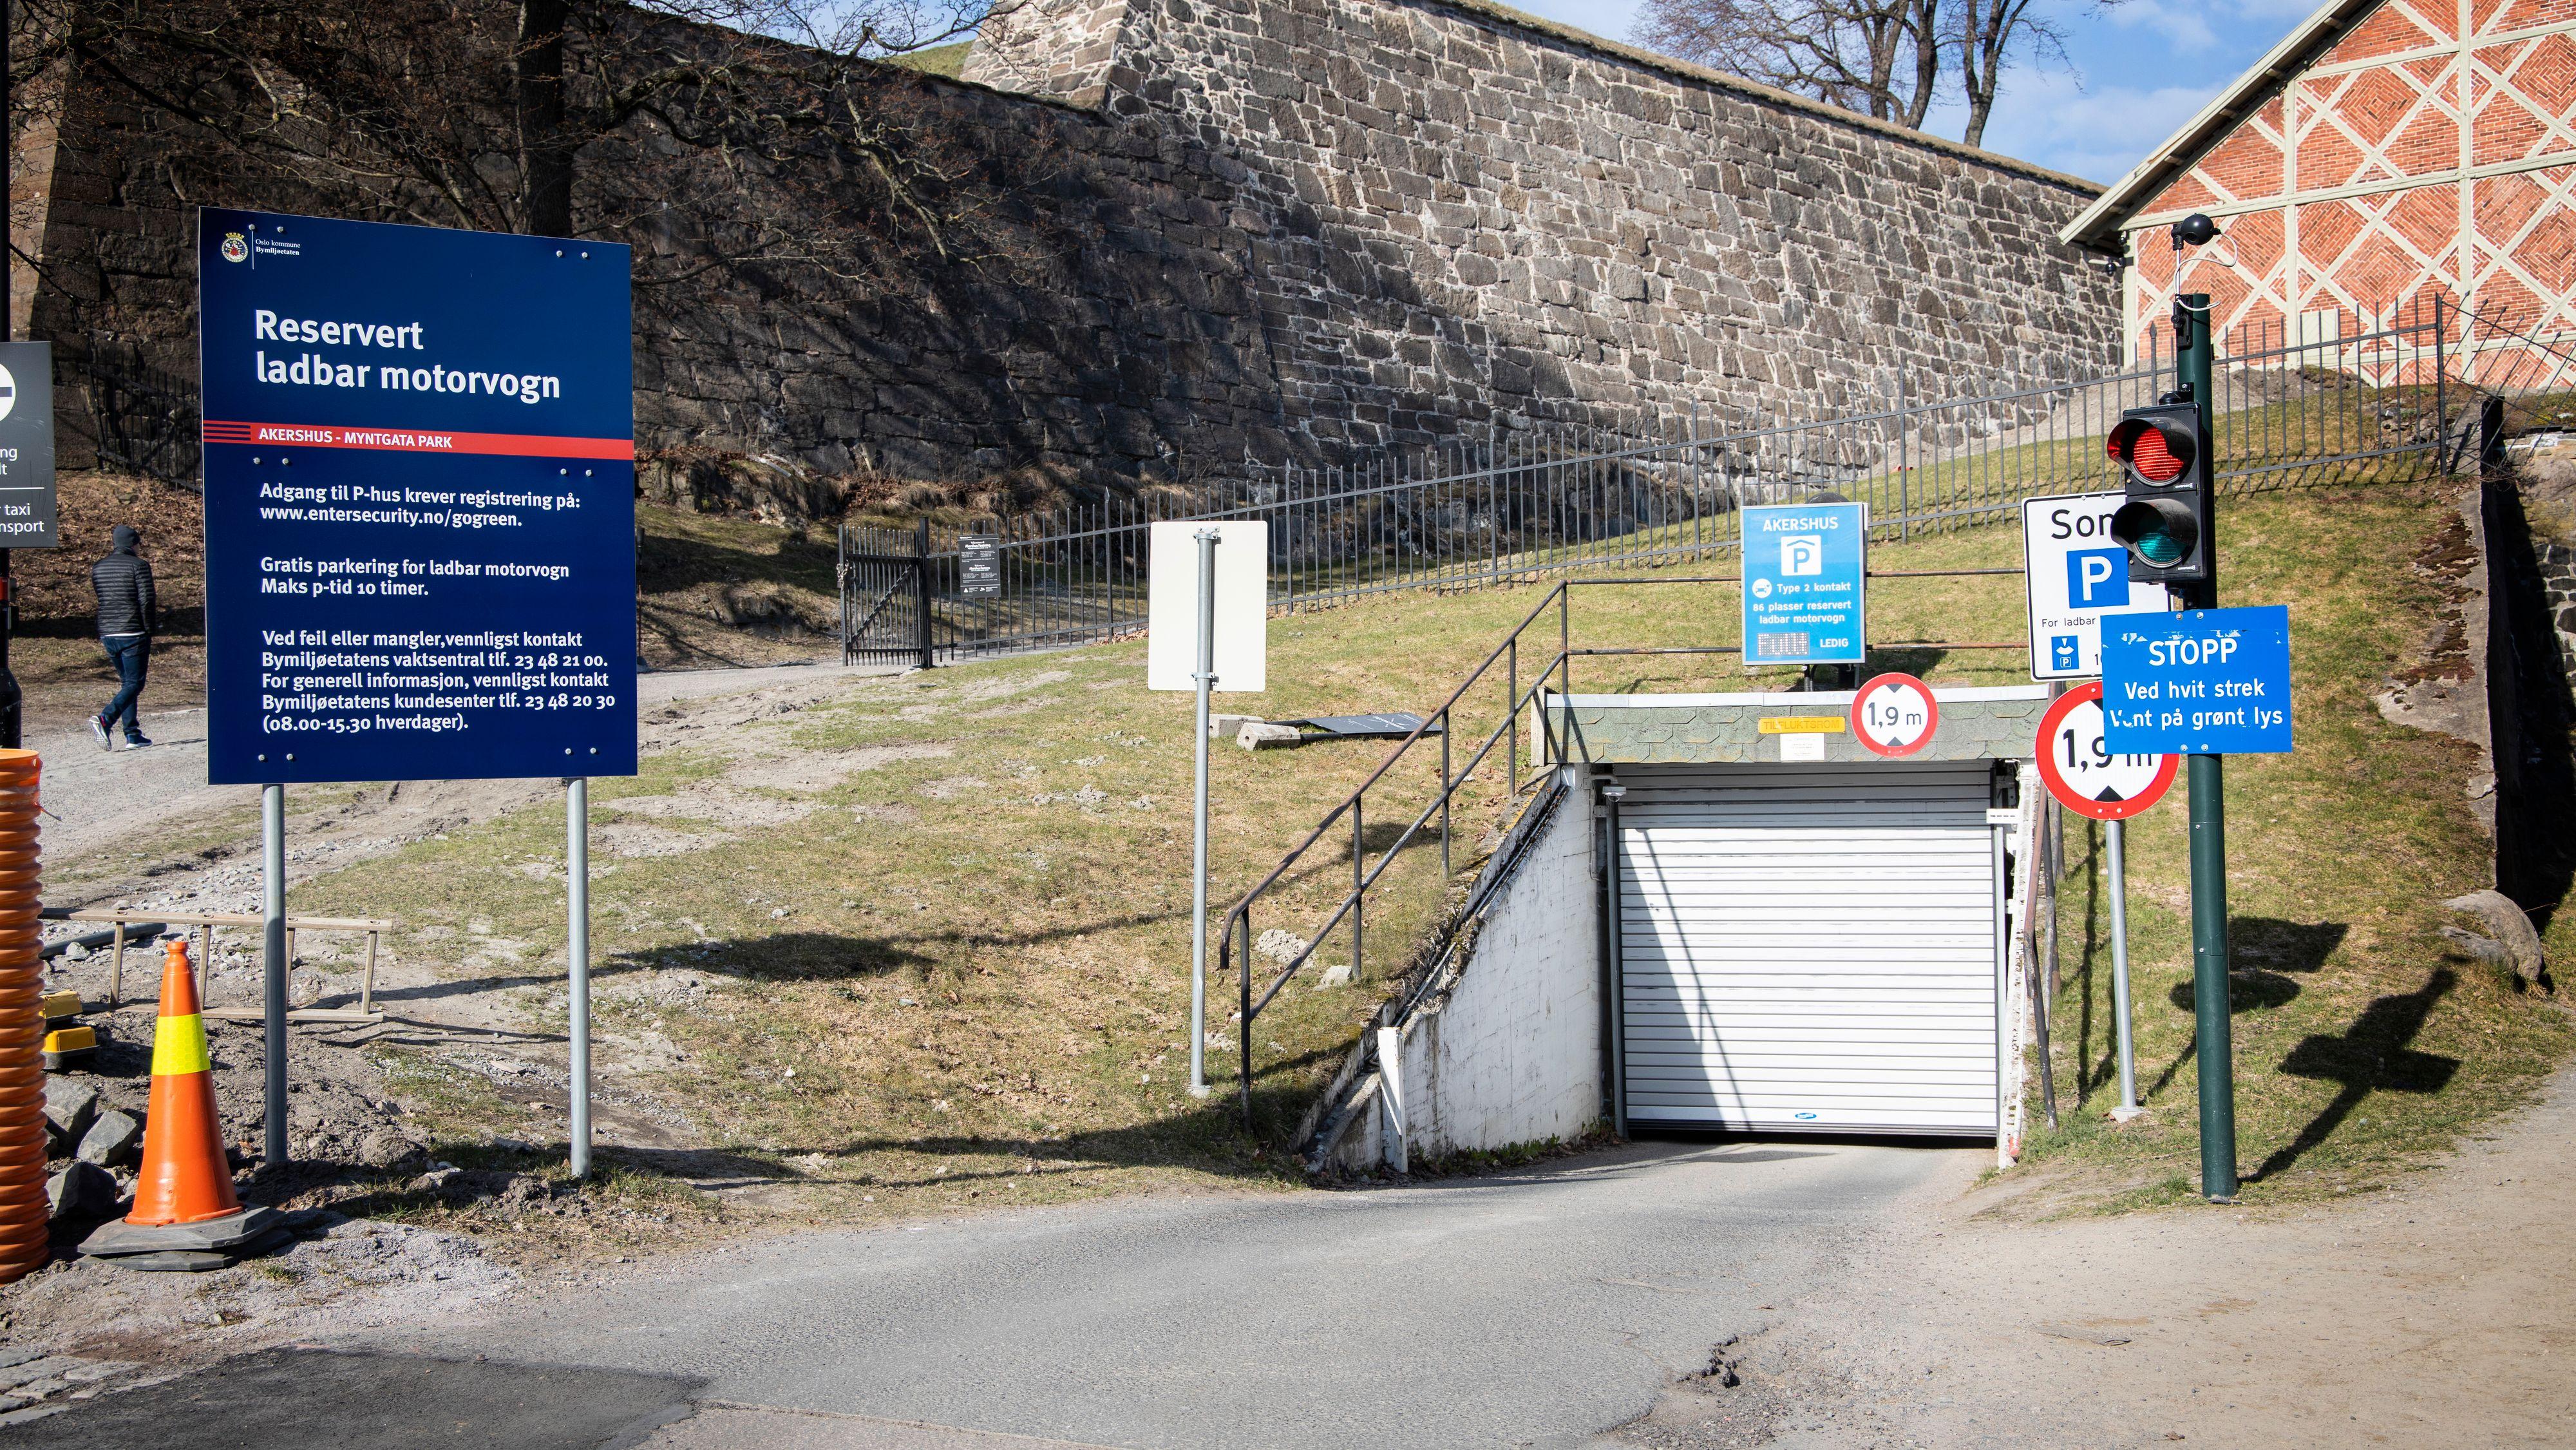 Denne ladegarasjen under Akershus festning er i praksis den eneste kommunale ladeparkeringen som gjenstår for privatbiler i Oslo sentrum. Den er stort sett full fra i sjutiden om morgenen på hverdager.